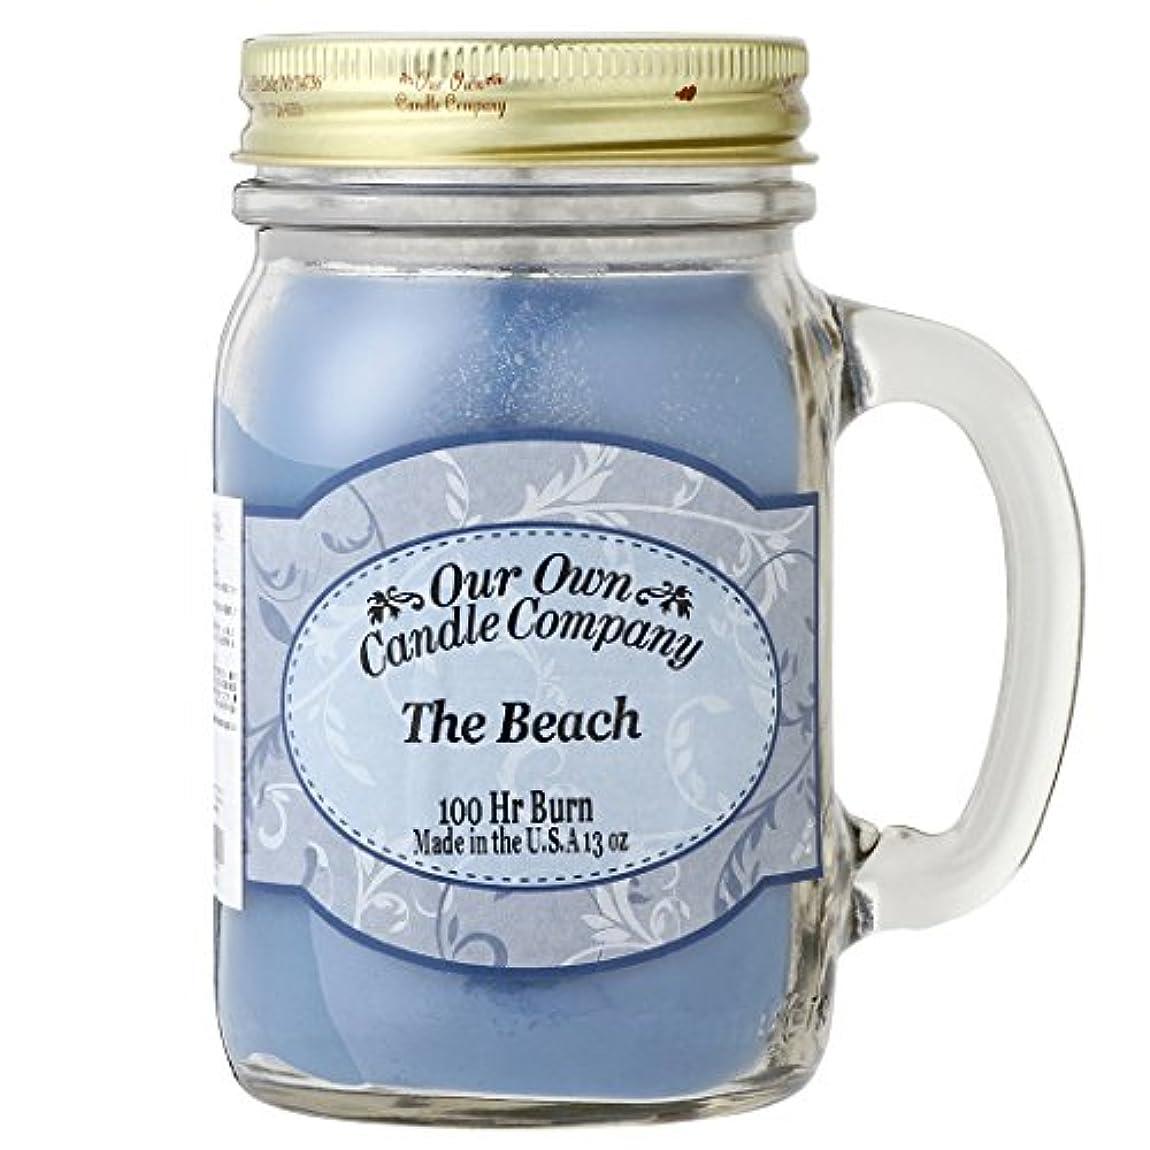 加速する告発者気をつけてOur Own Candle Company メイソンジャーキャンドル ラージサイズ ザ?ビーチ OU100119